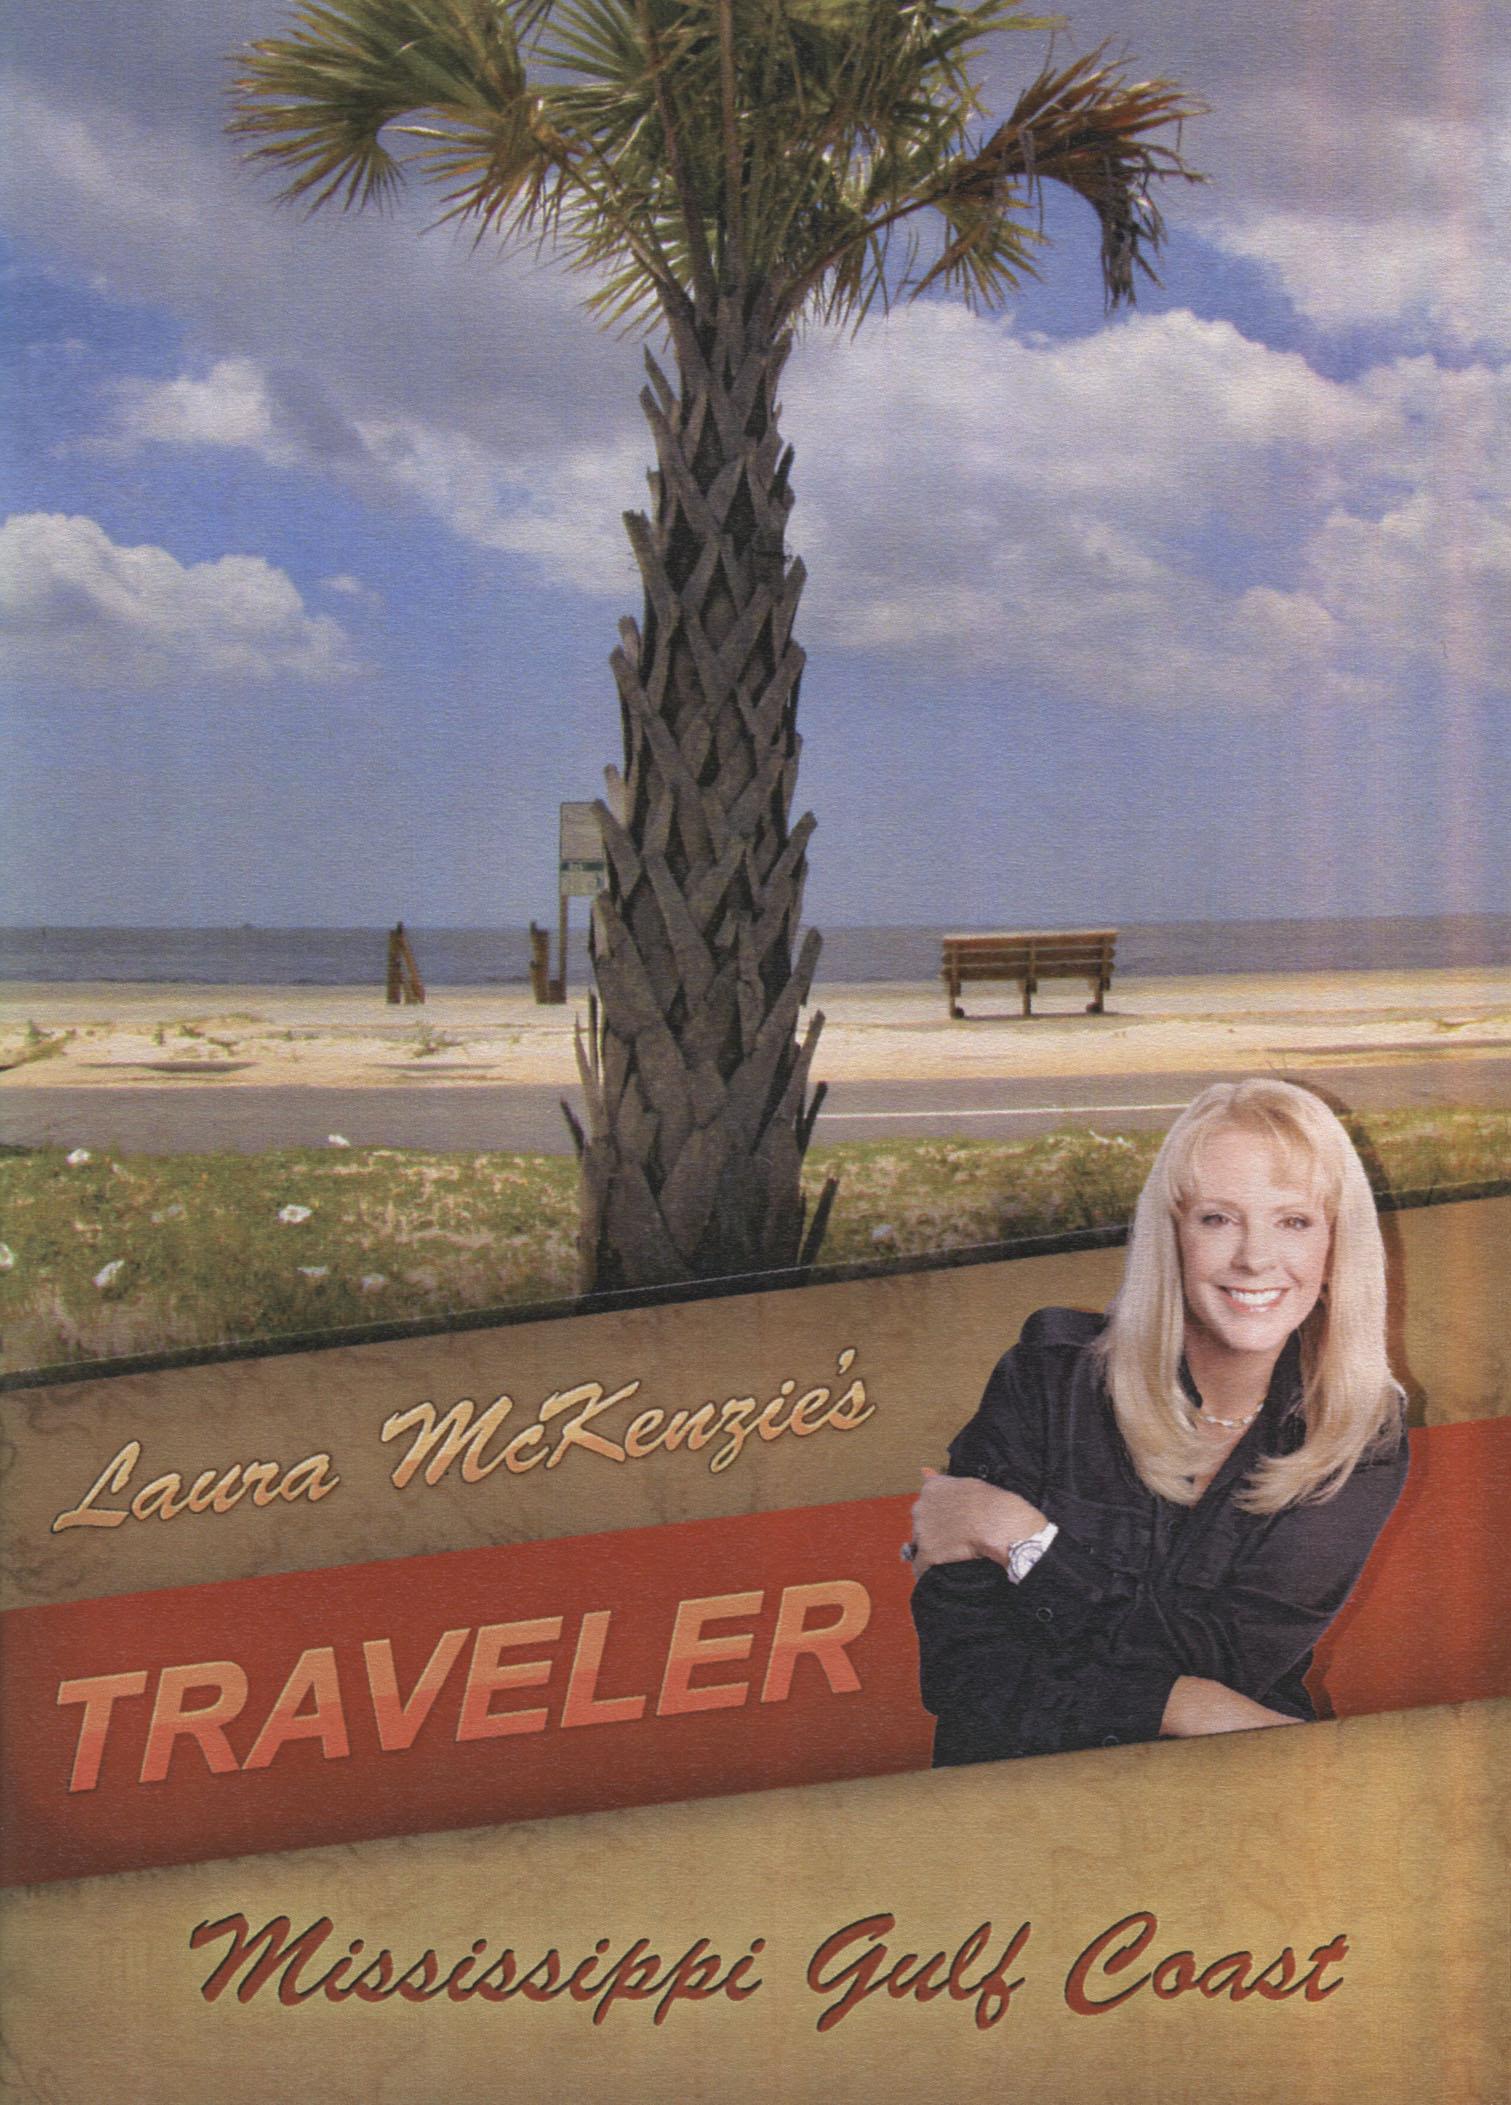 Laura McKenzie's Traveler: Mississippi Gulf Coast